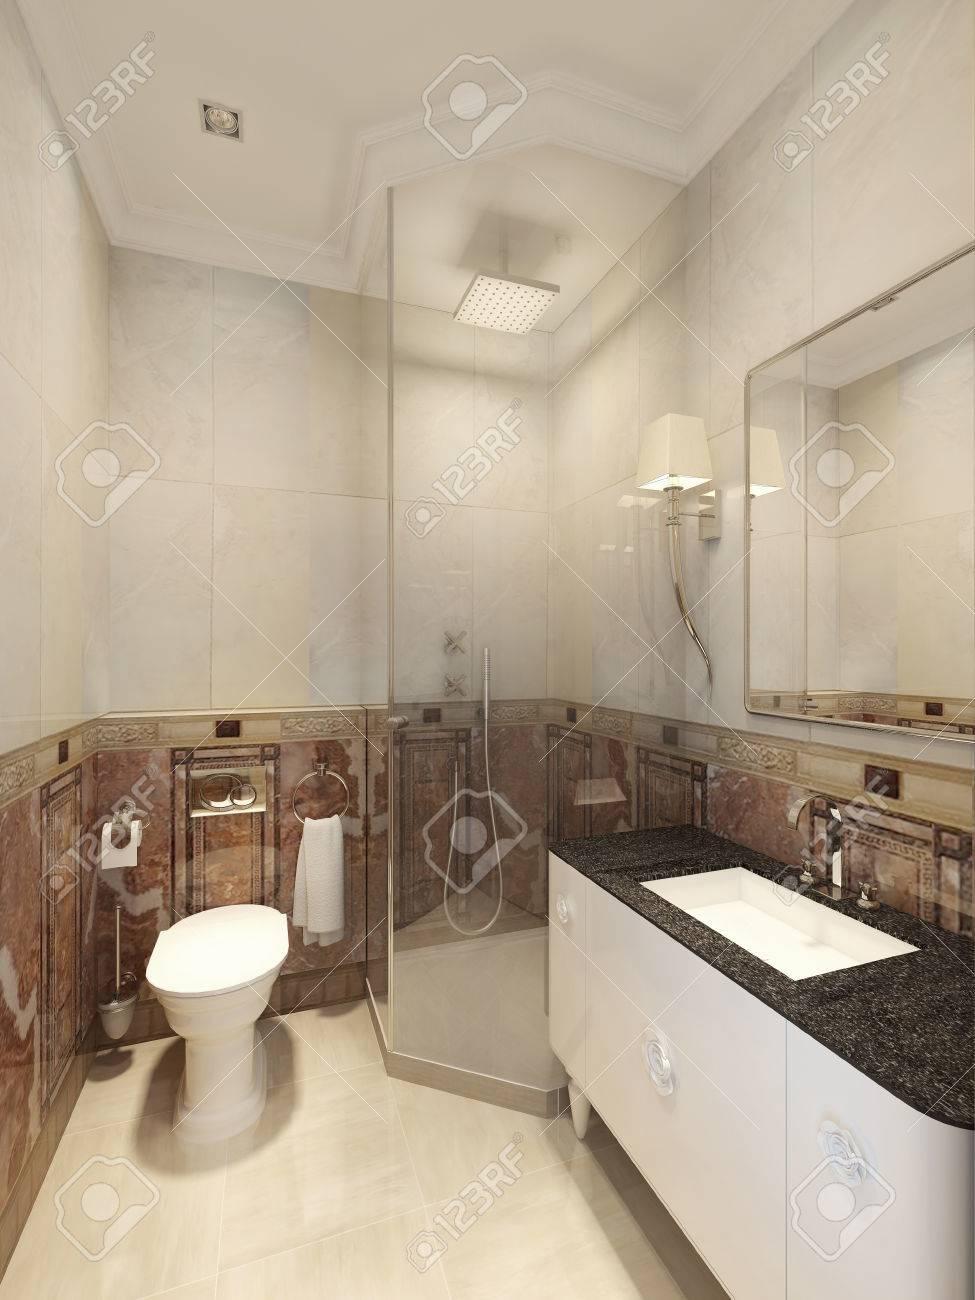 Cuarto De Baño De Estilo Art Deco. 3d Fotos, Retratos, Imágenes Y ...